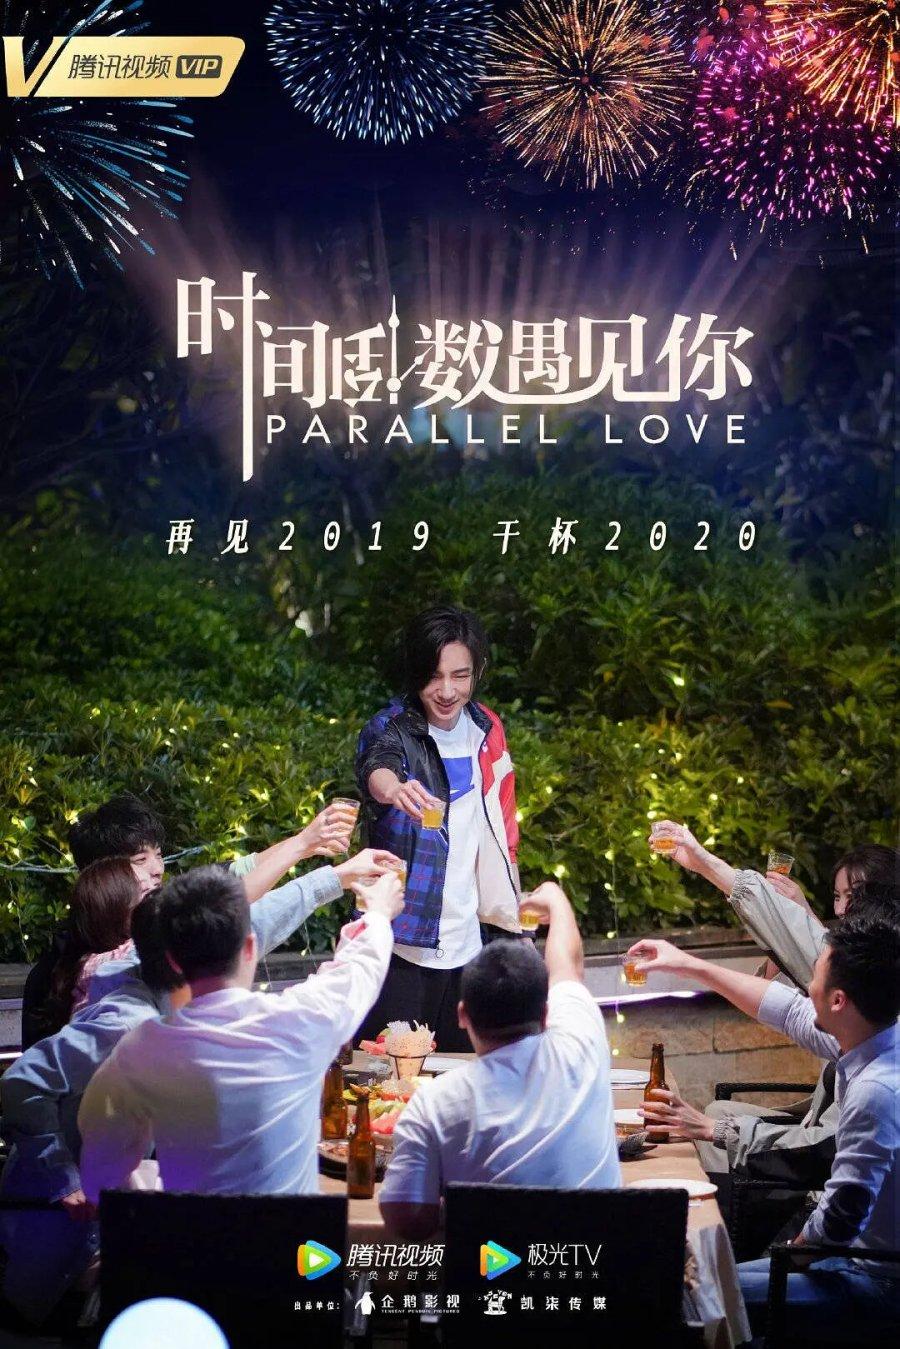 parallel-love-เด็กกว่าแล้วไงก็ใจมันรัก-ซับไทย